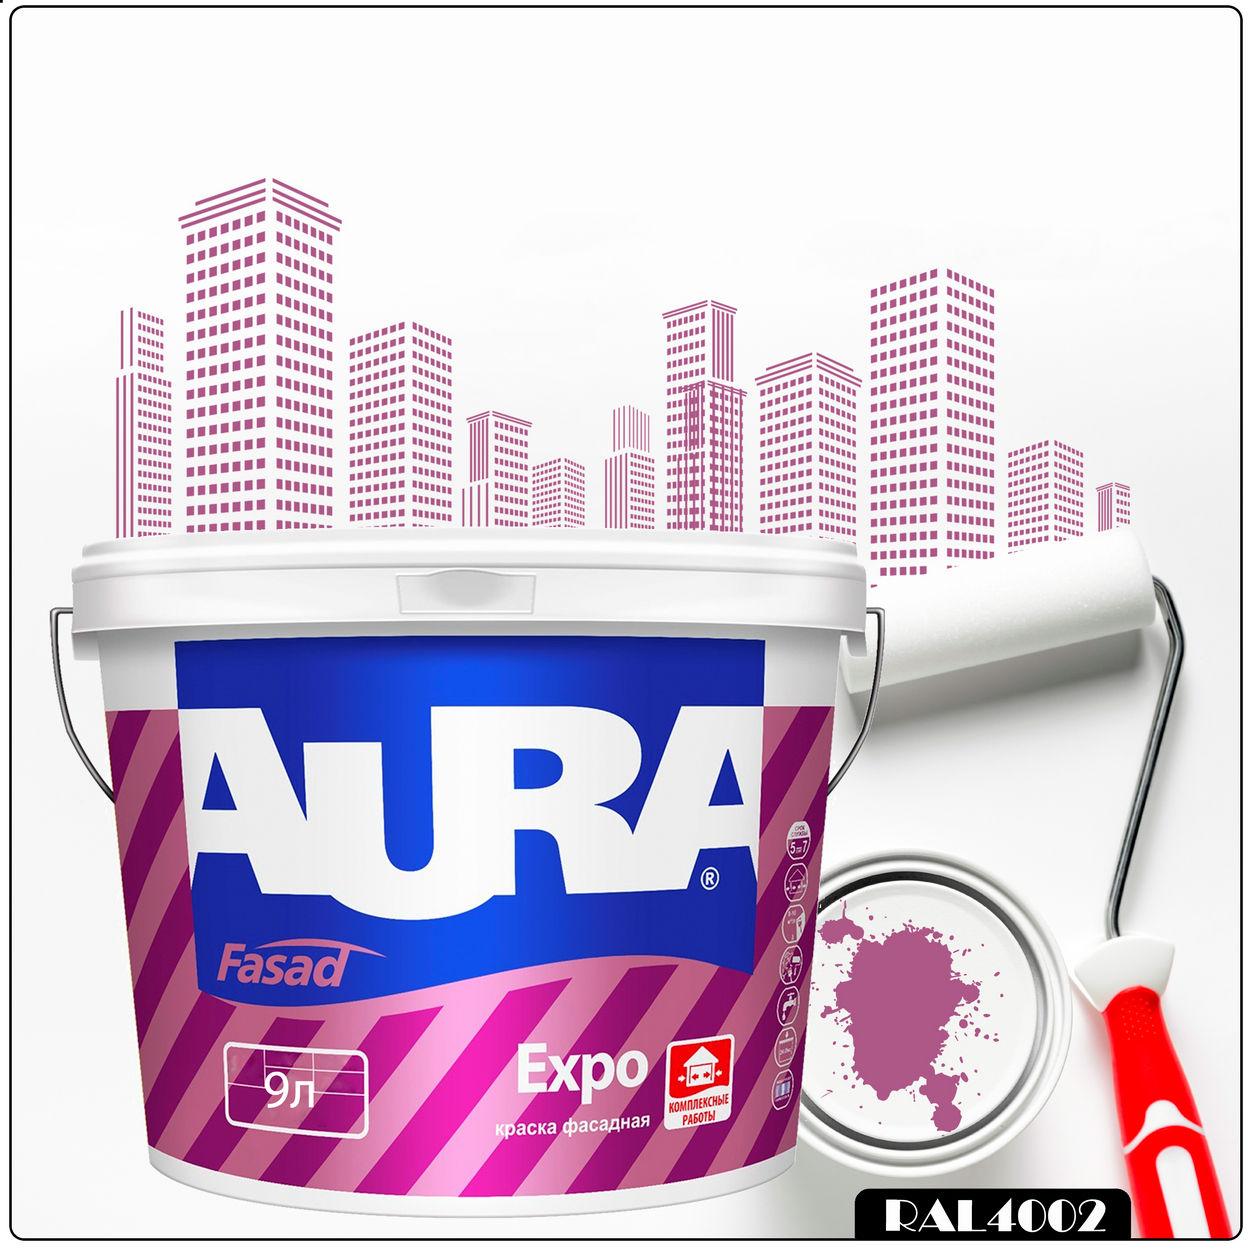 Фото 2 - Краска Aura Fasad Expo, RAL 4002 Красно-фиолетовый, матовая, для фасадов и помещений с повышенной влажностью, 9л.